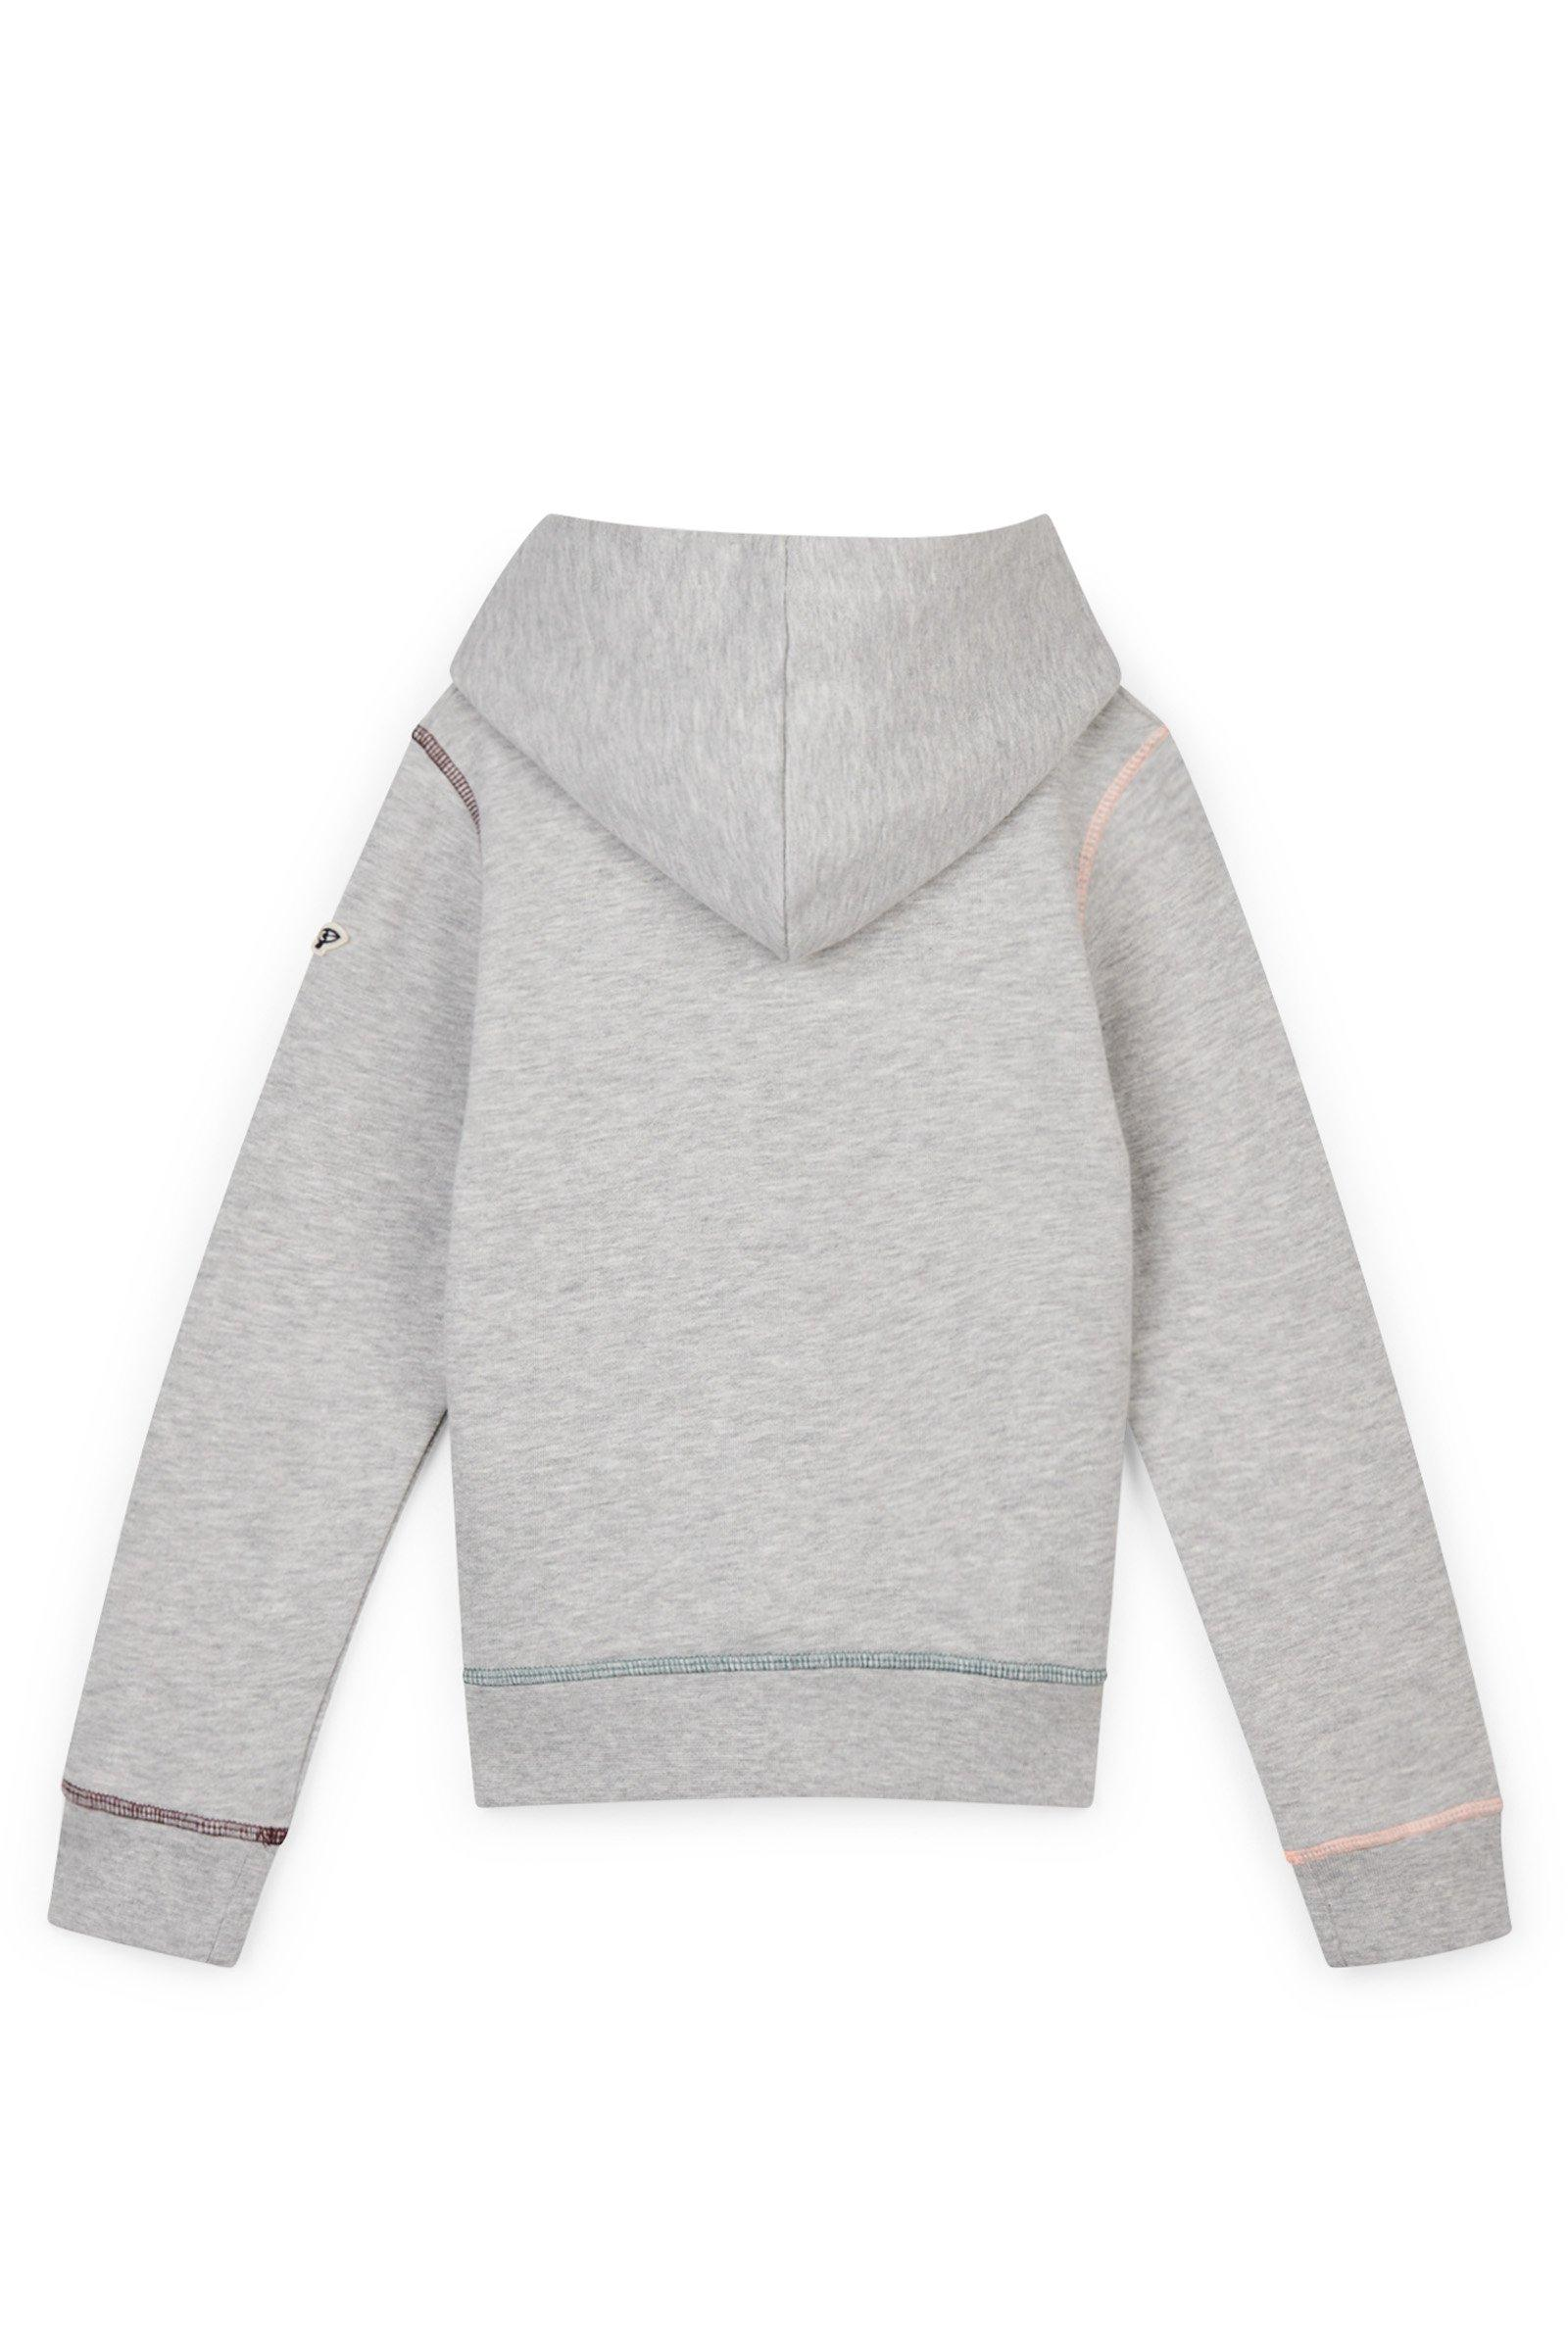 https://webmedia.cks-fashion.com/i/cks/123211GSM_100_h